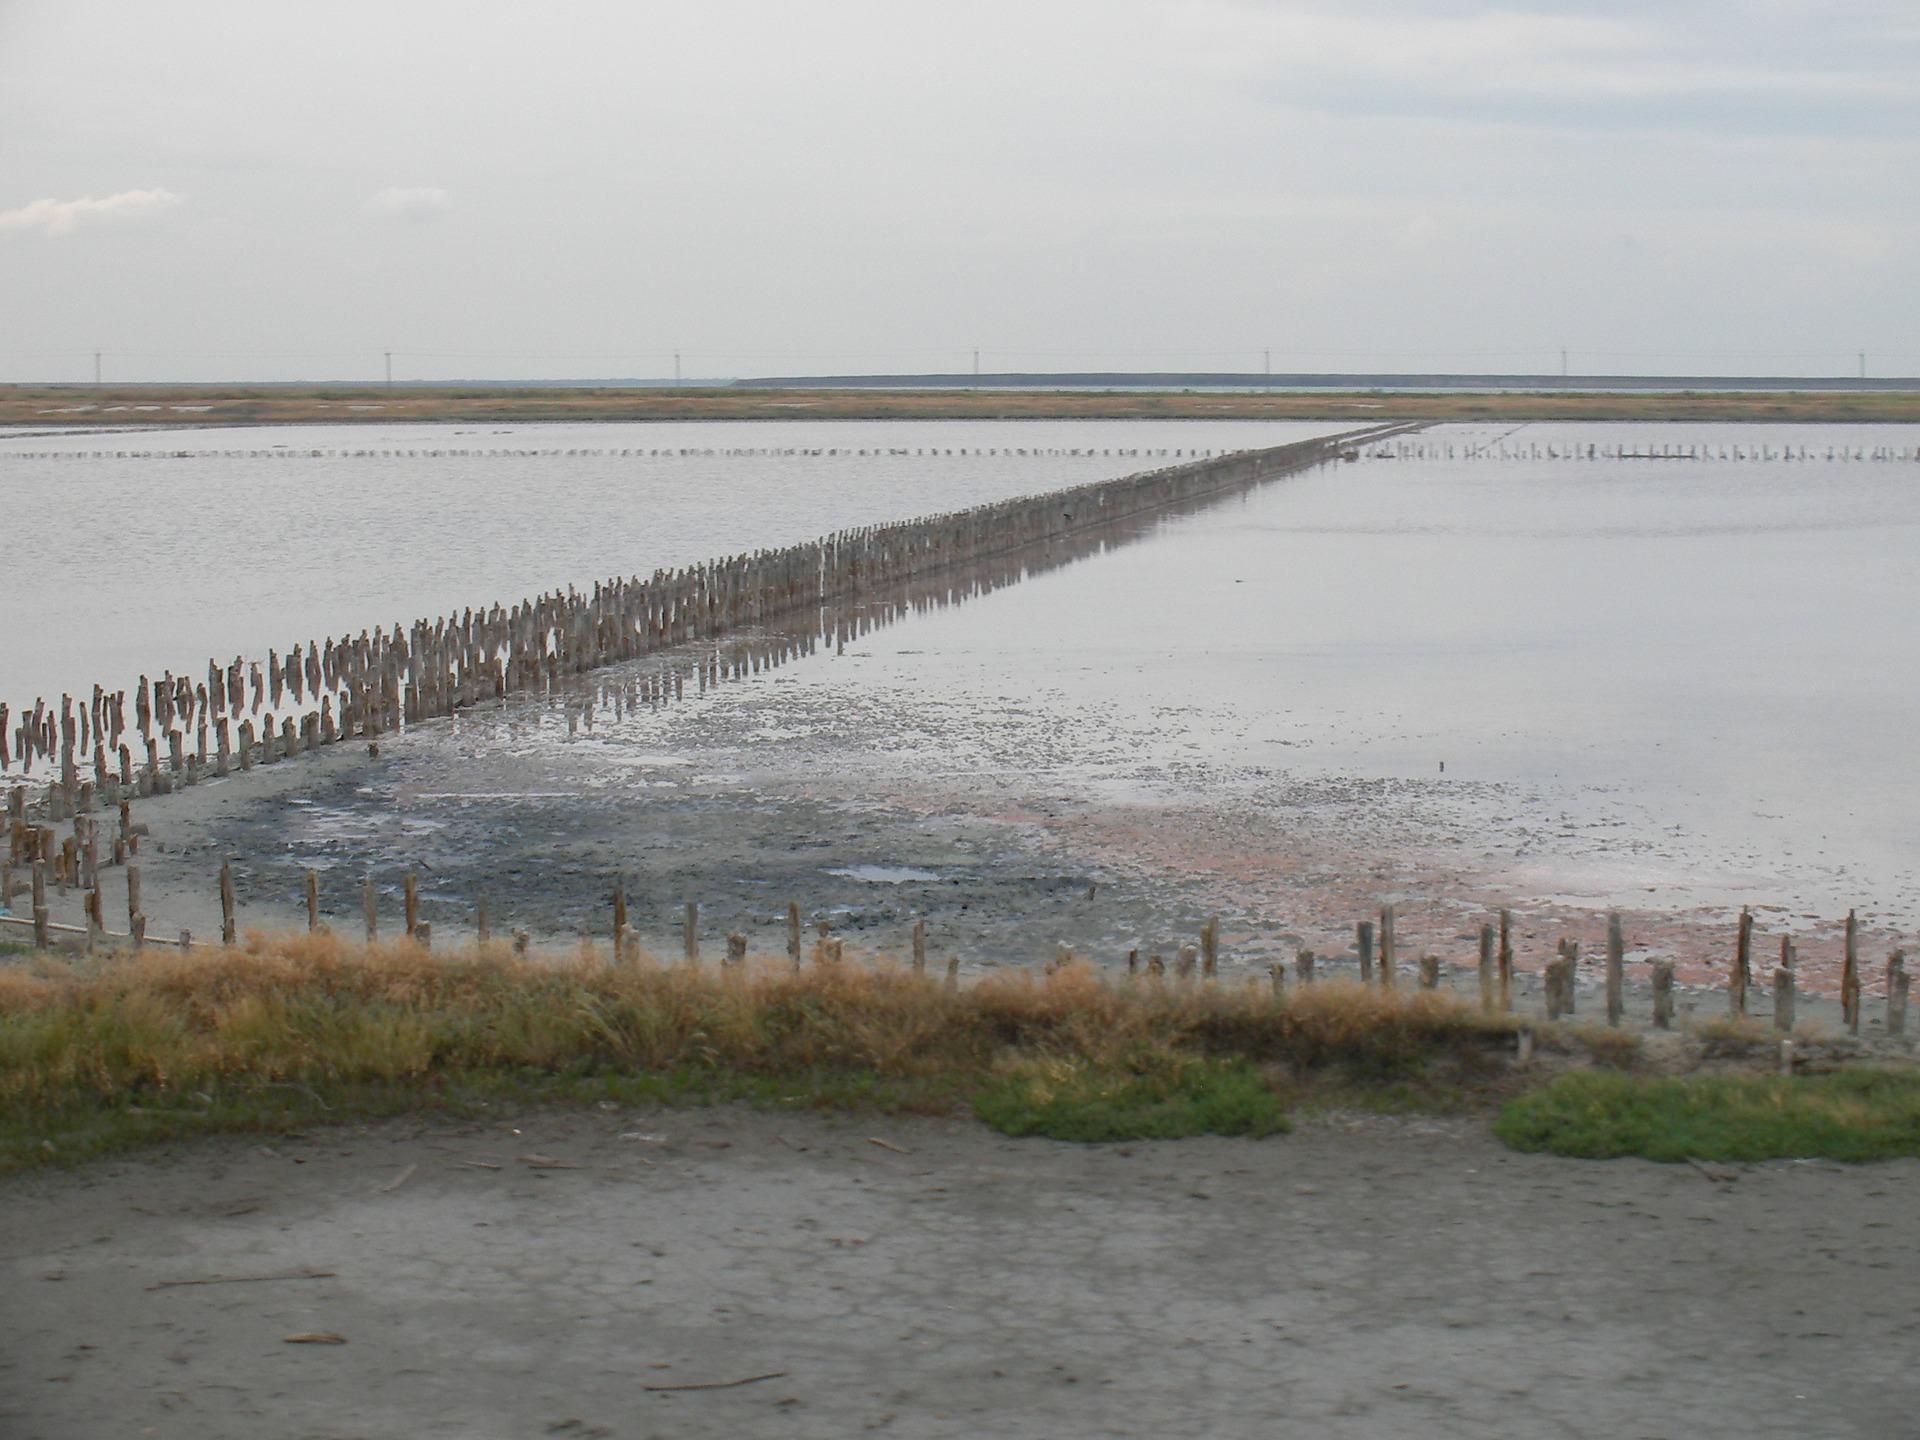 Lake Sivash dengan lumpur terapeutik berhampiran Crimea